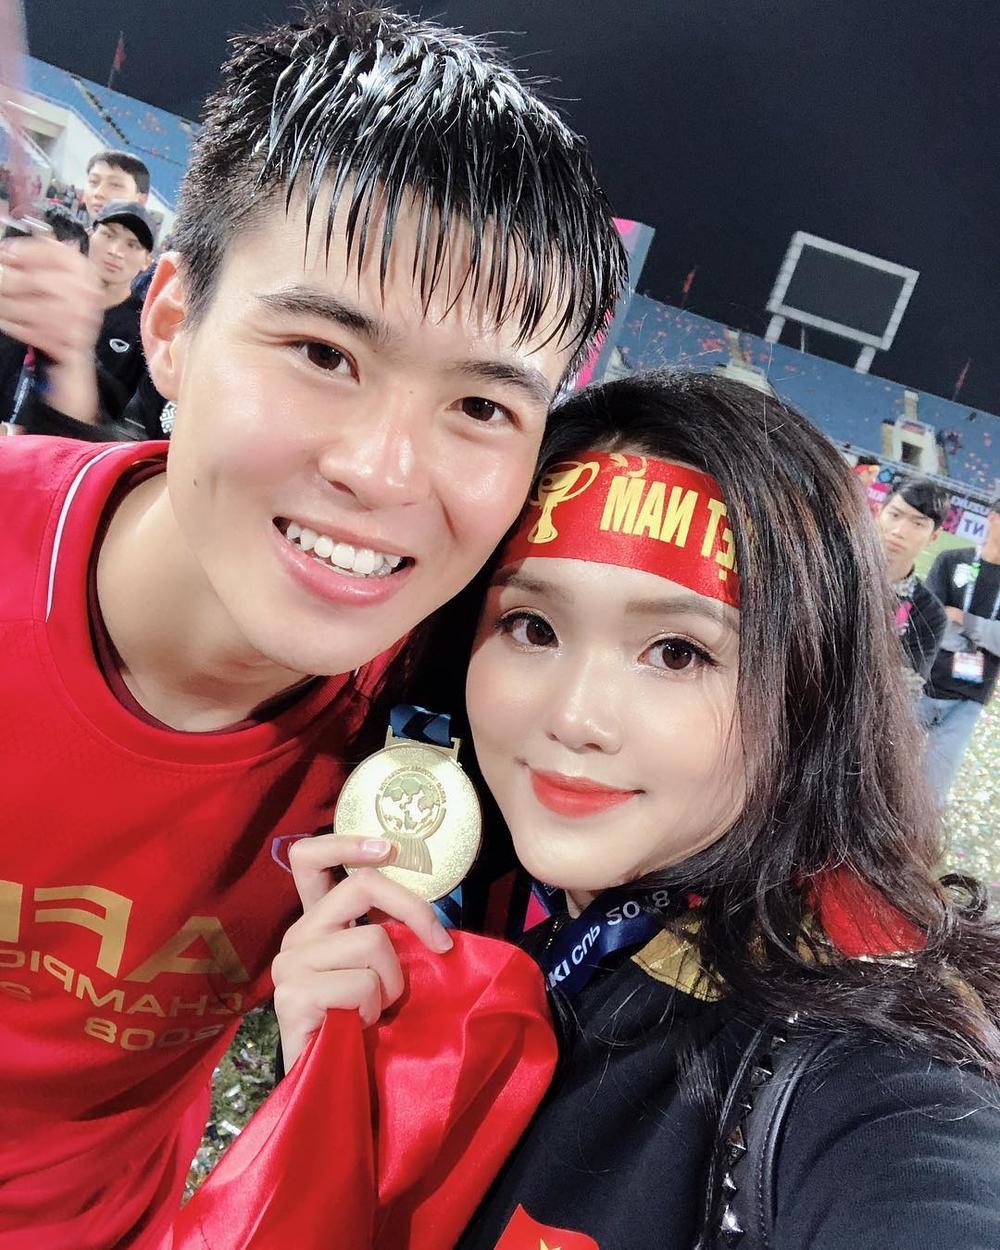 Ở Việt Nam, WAGs nổi bật nhất chính là Quỳnh Anh - bạn gái của cầu thủ Duy Mạnh. Kể từ khi được người hâm mộ biết đến, cặp đôi luôn nhận được lời khen ngợi, chúc phúc của người hâm mộ.